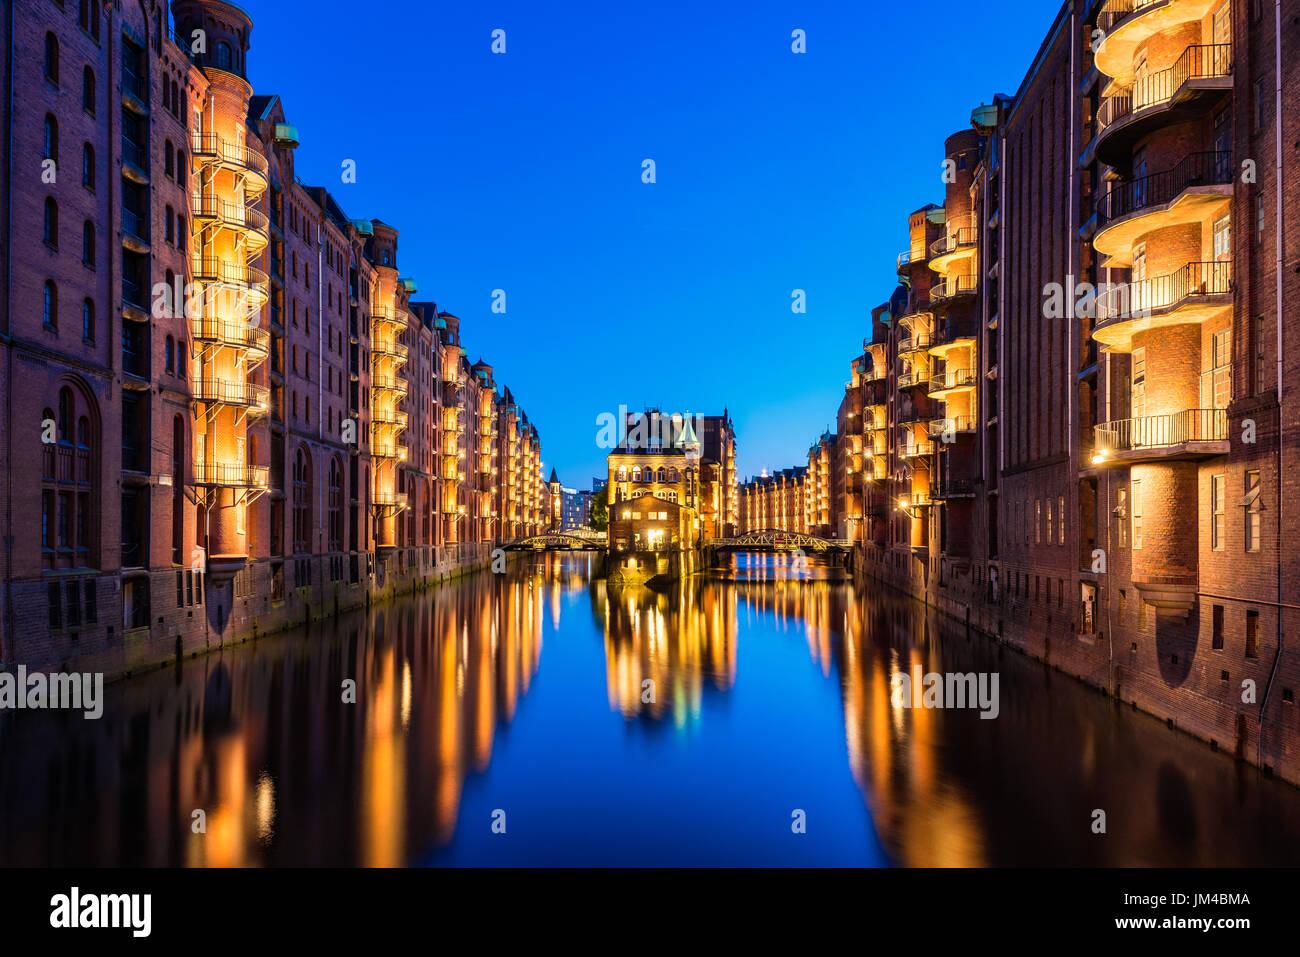 Canal de almacenes en el centro de distrito de Hamburgo Alemania al atardecer Imagen De Stock